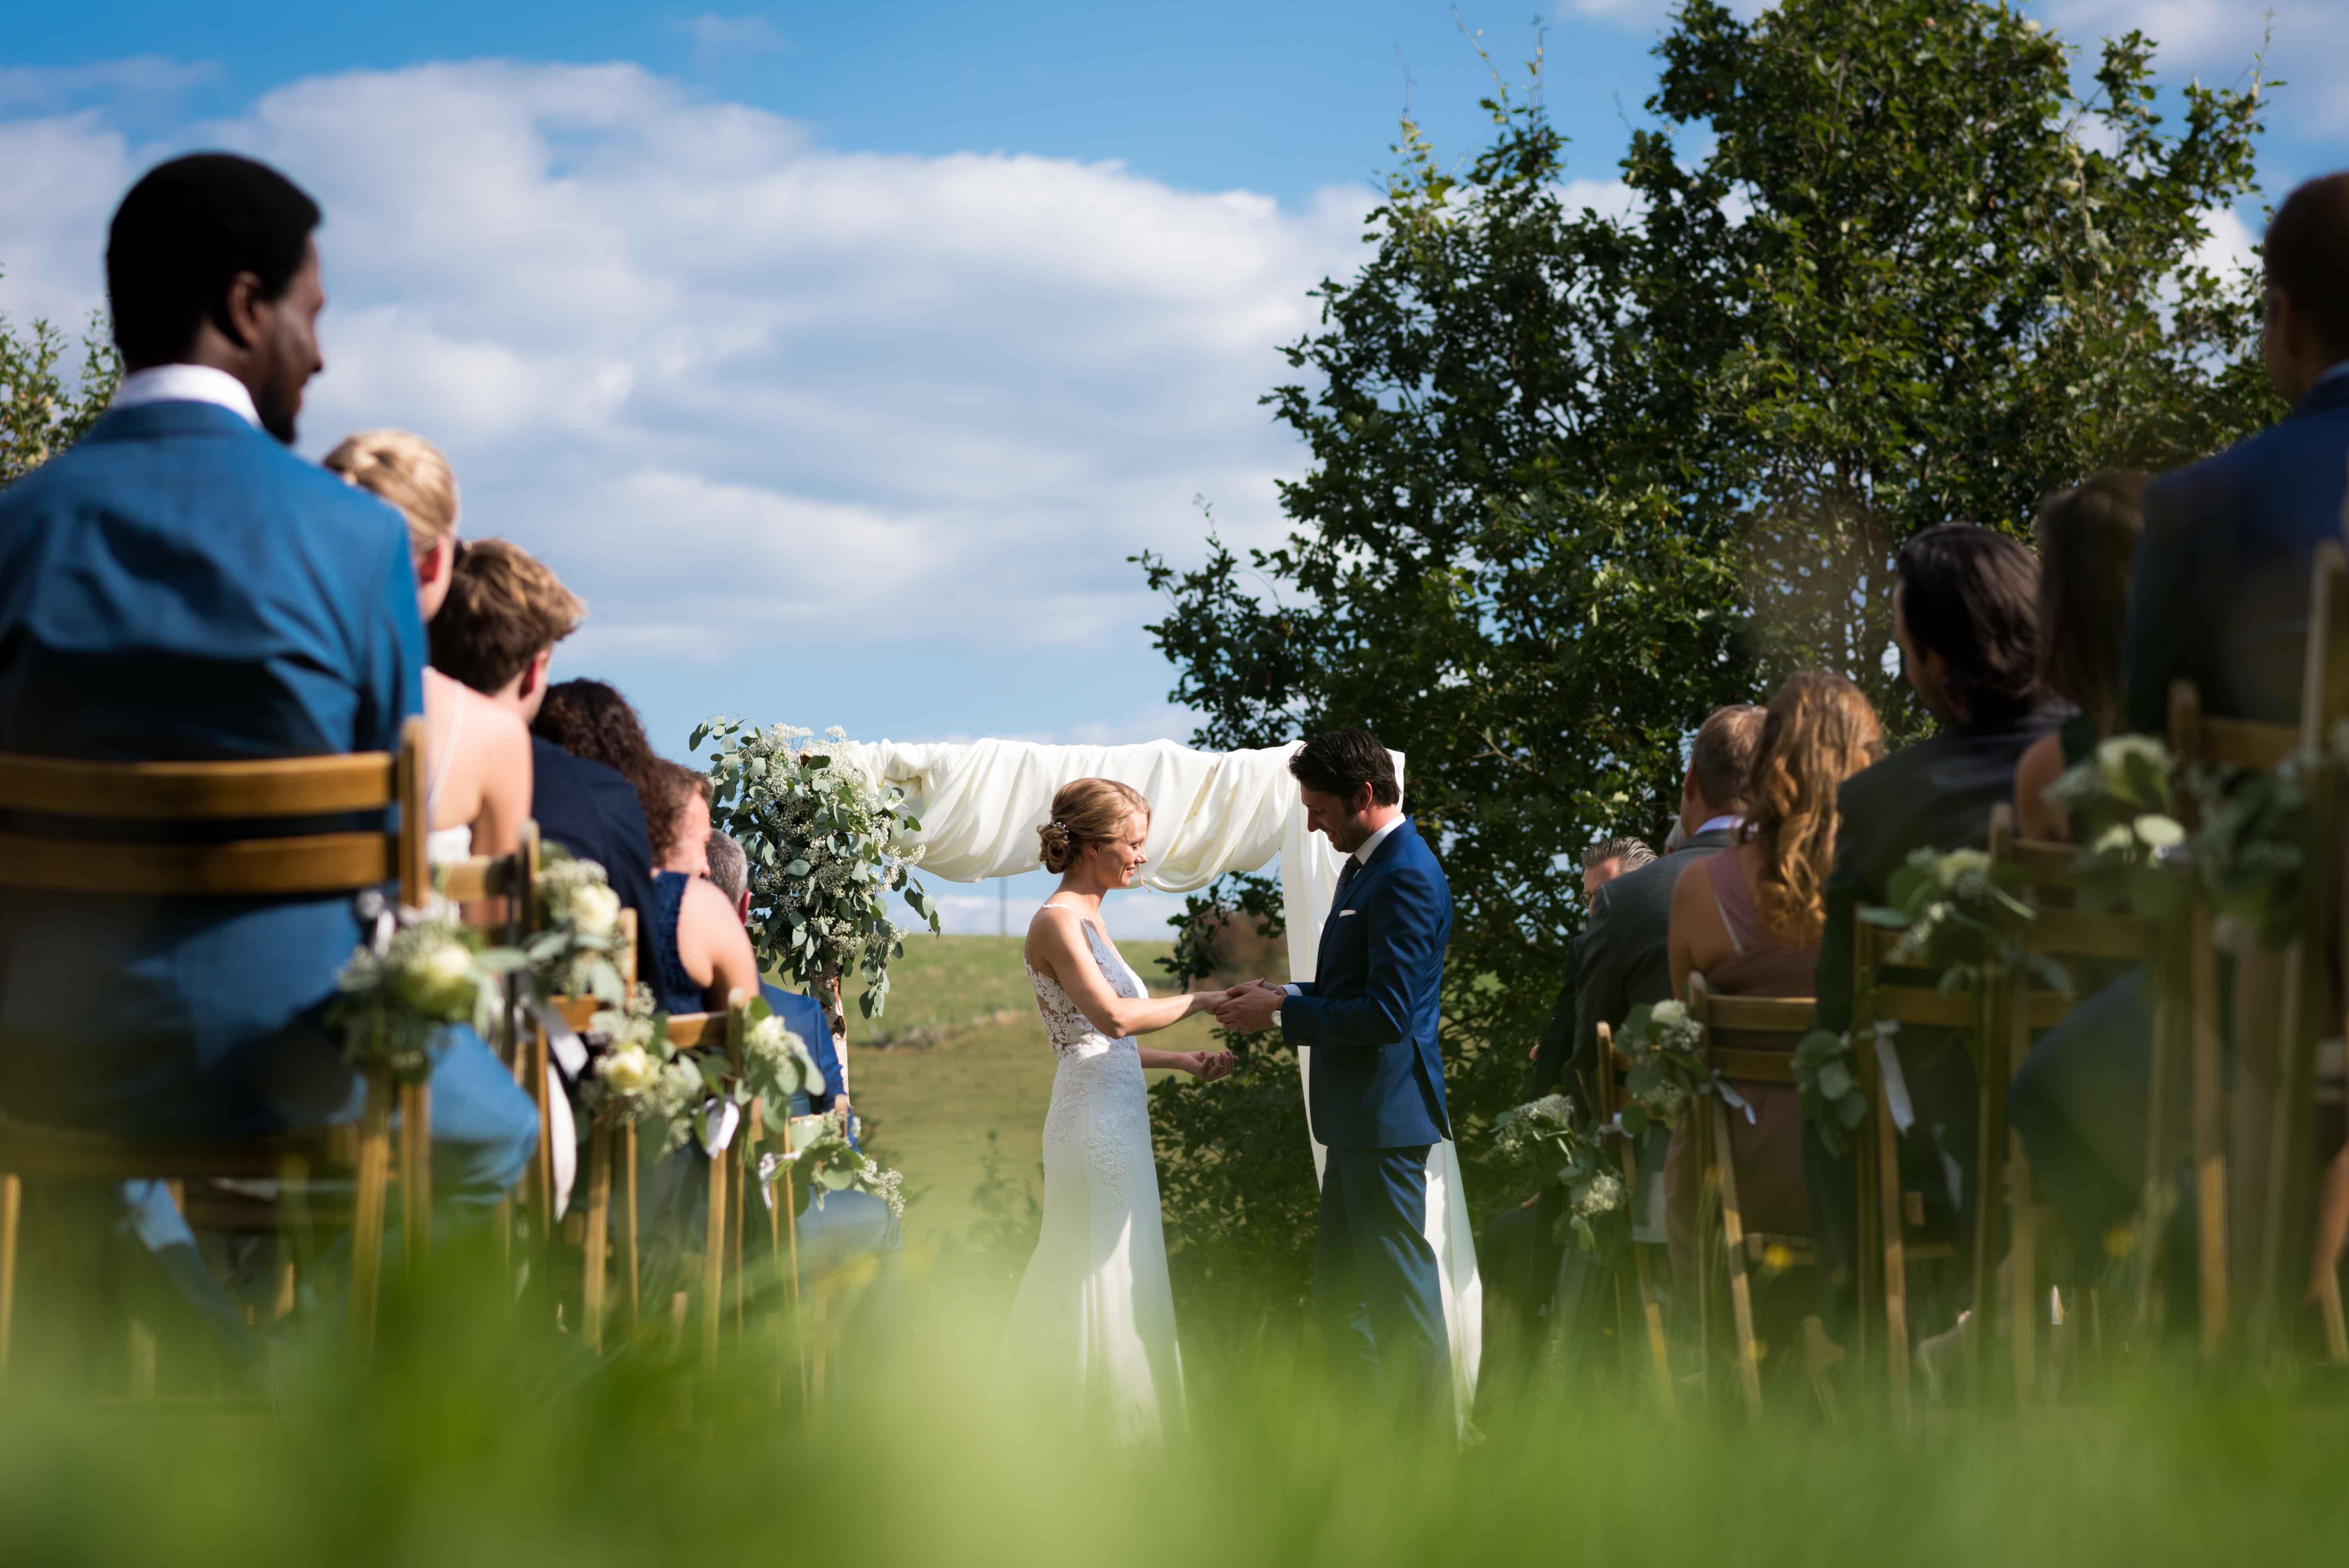 Natural_wedding_photograhy_London